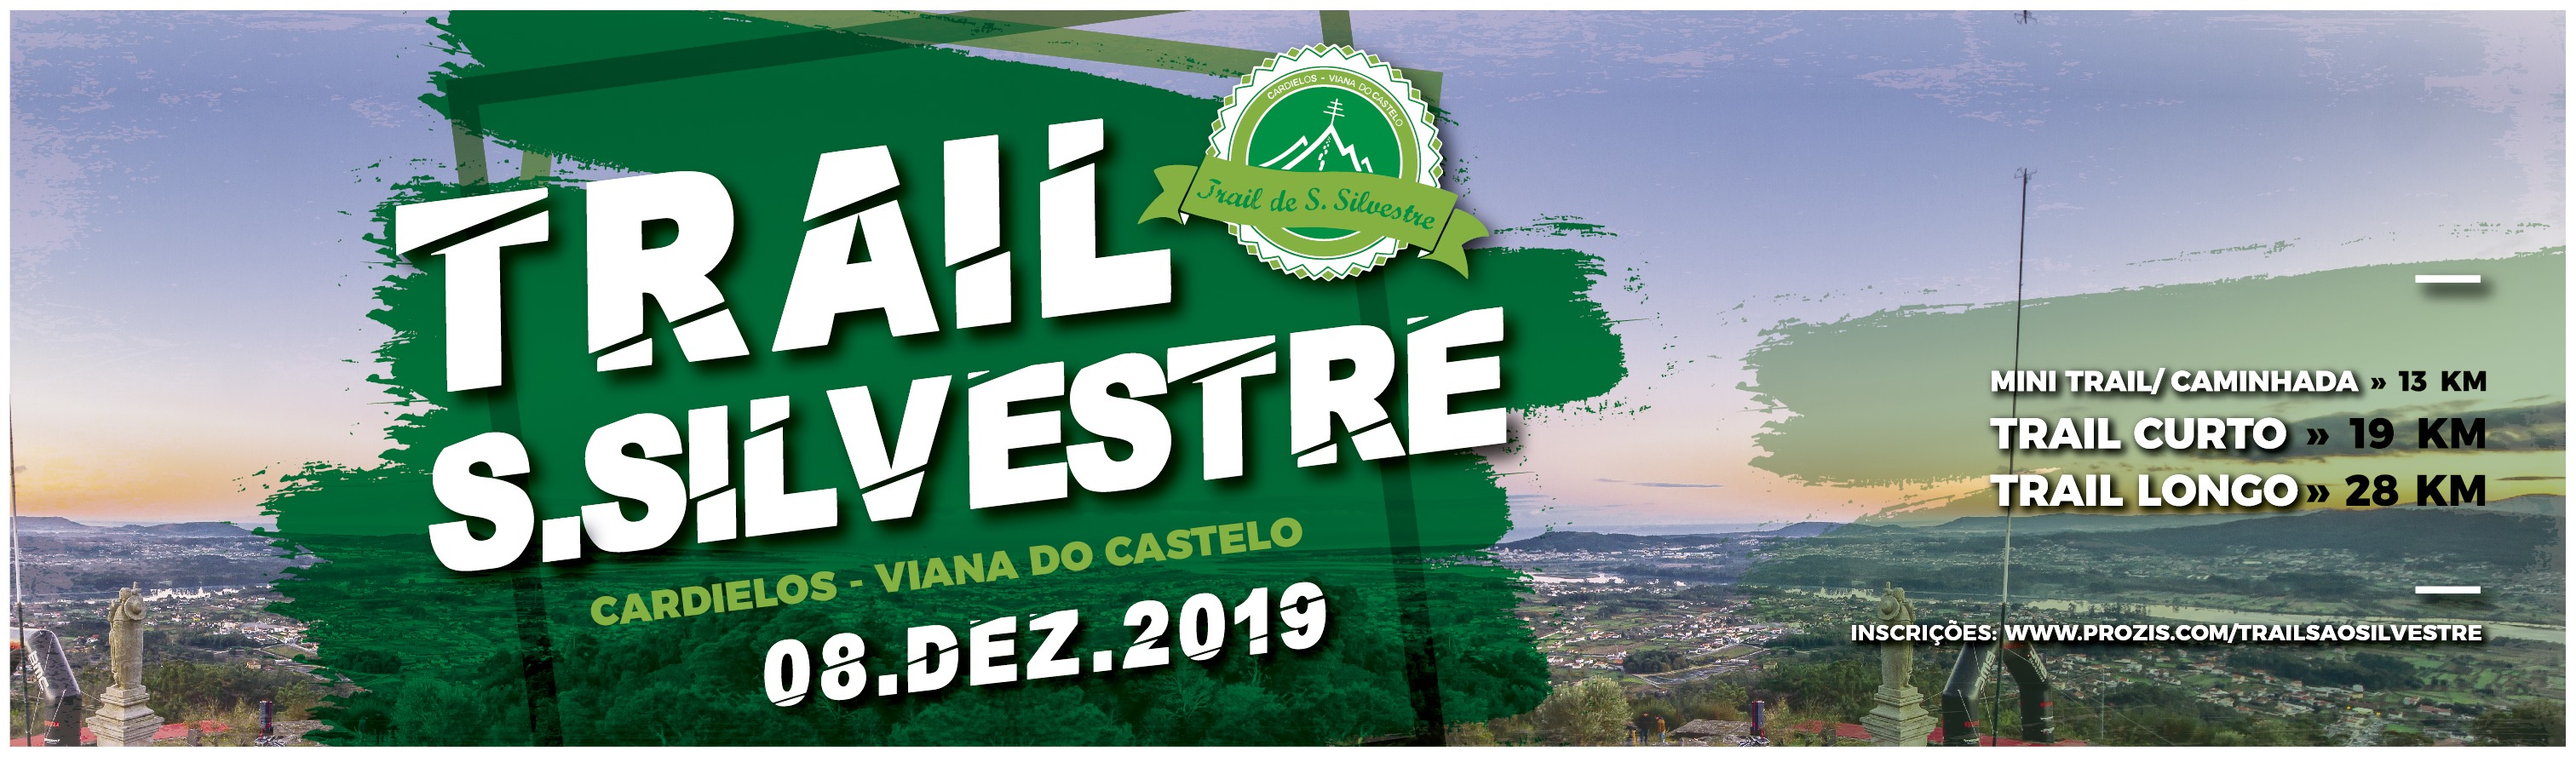 Abertas as inscrições para o Trail de São Silvestre marcado para 08 de dezembro